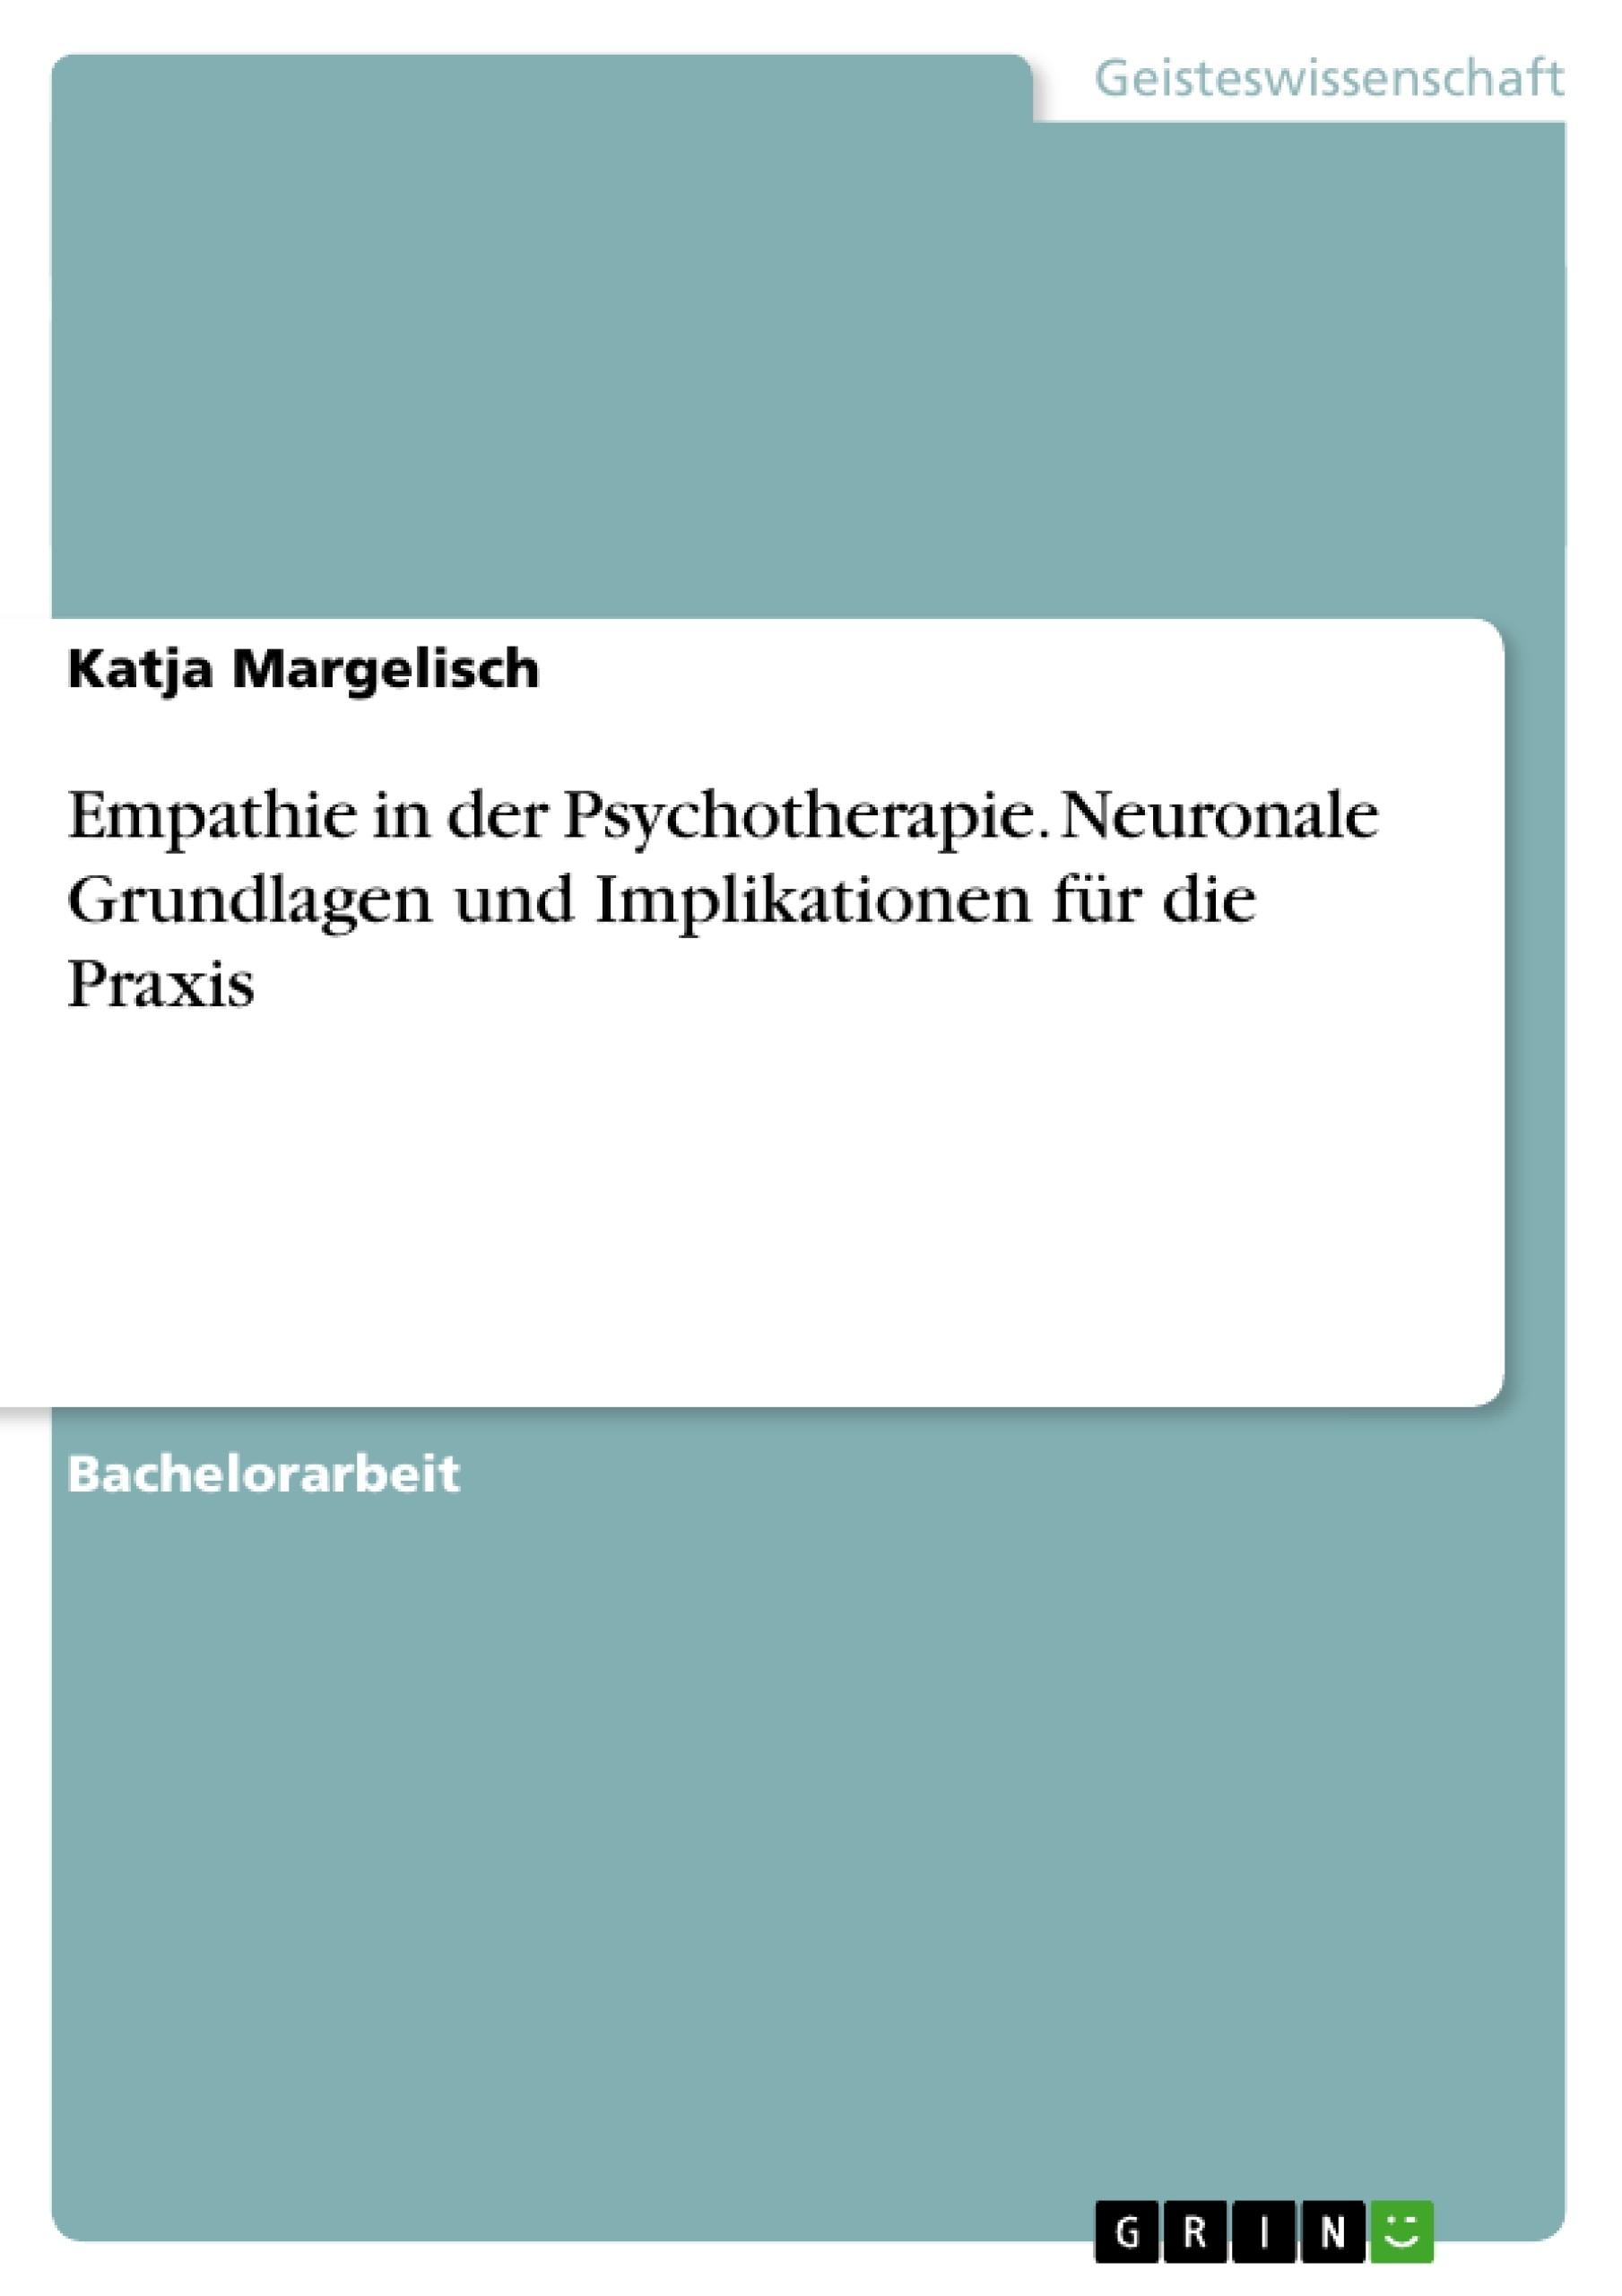 Empathie in der Psychotherapie. Neuronale Grundlagen und ...